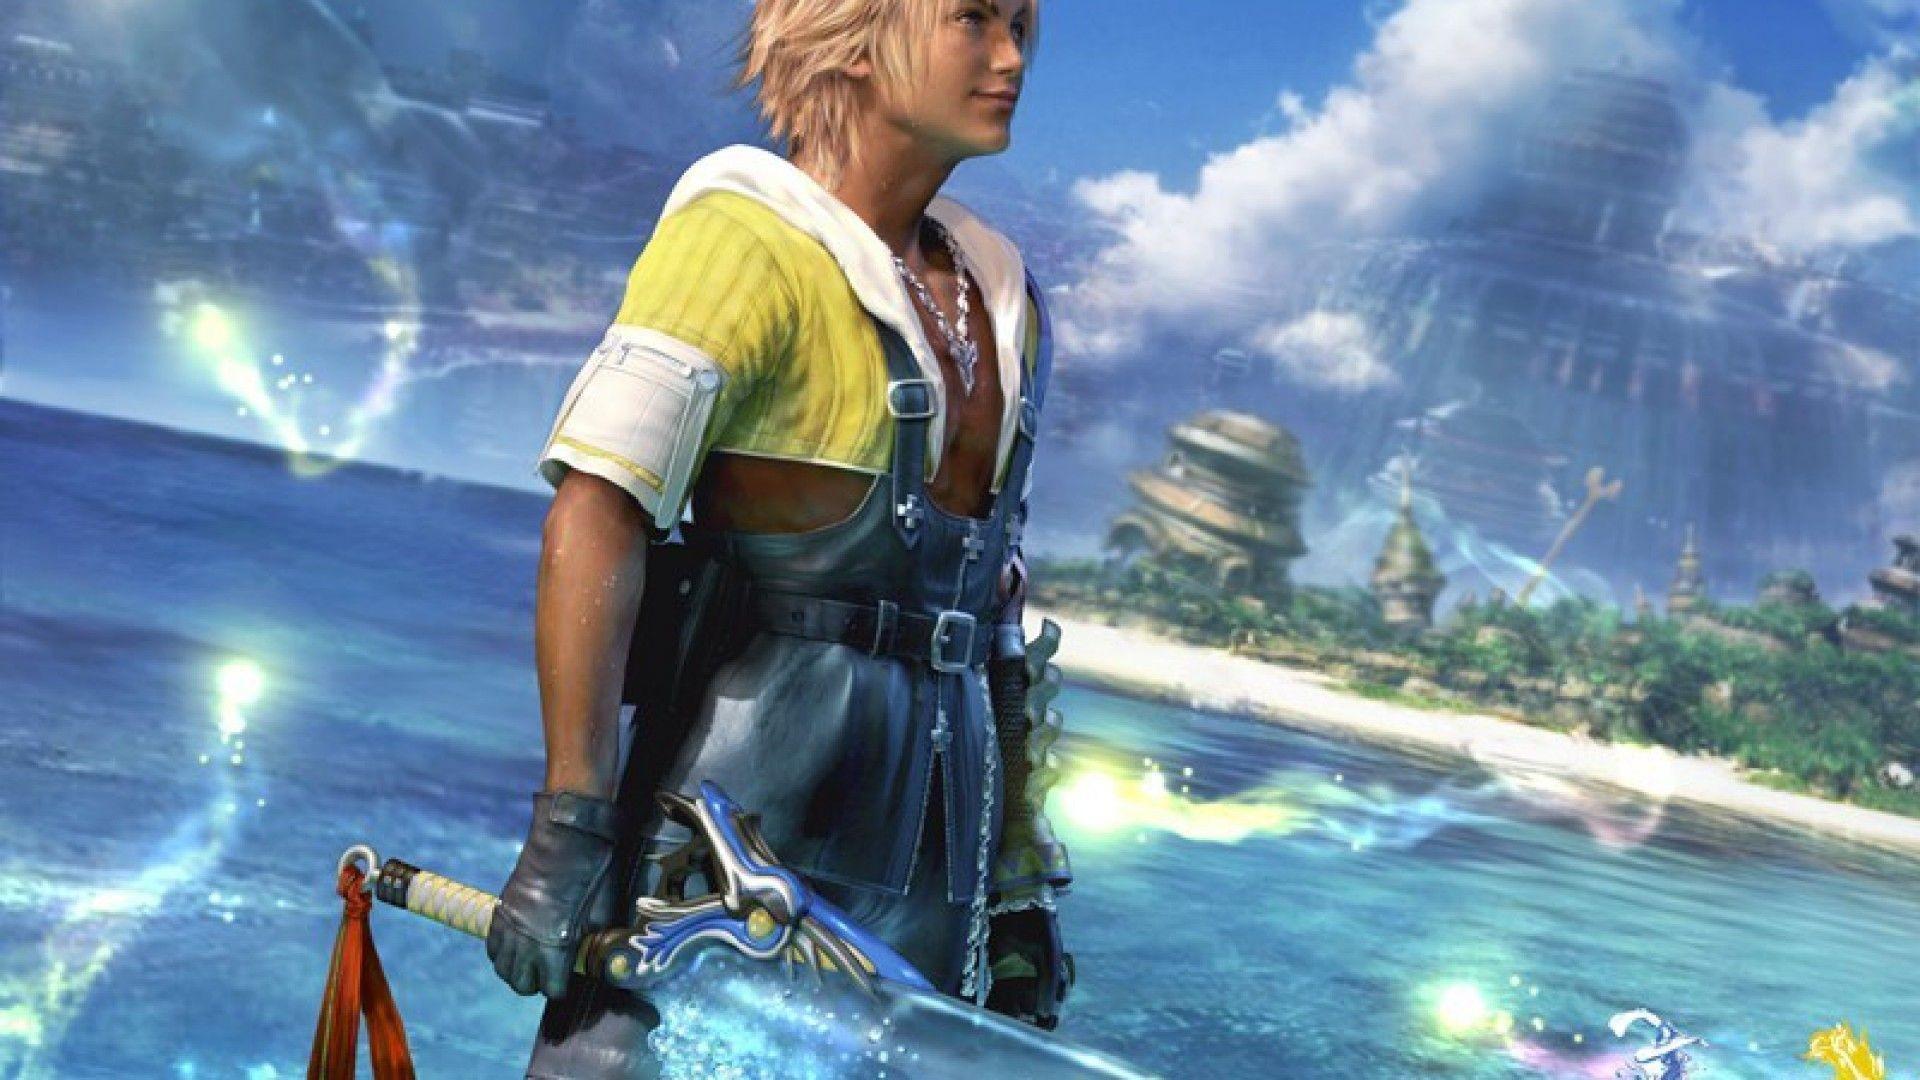 Final Fantasy XIV FFXIV Wallpaper The Final Fantasy